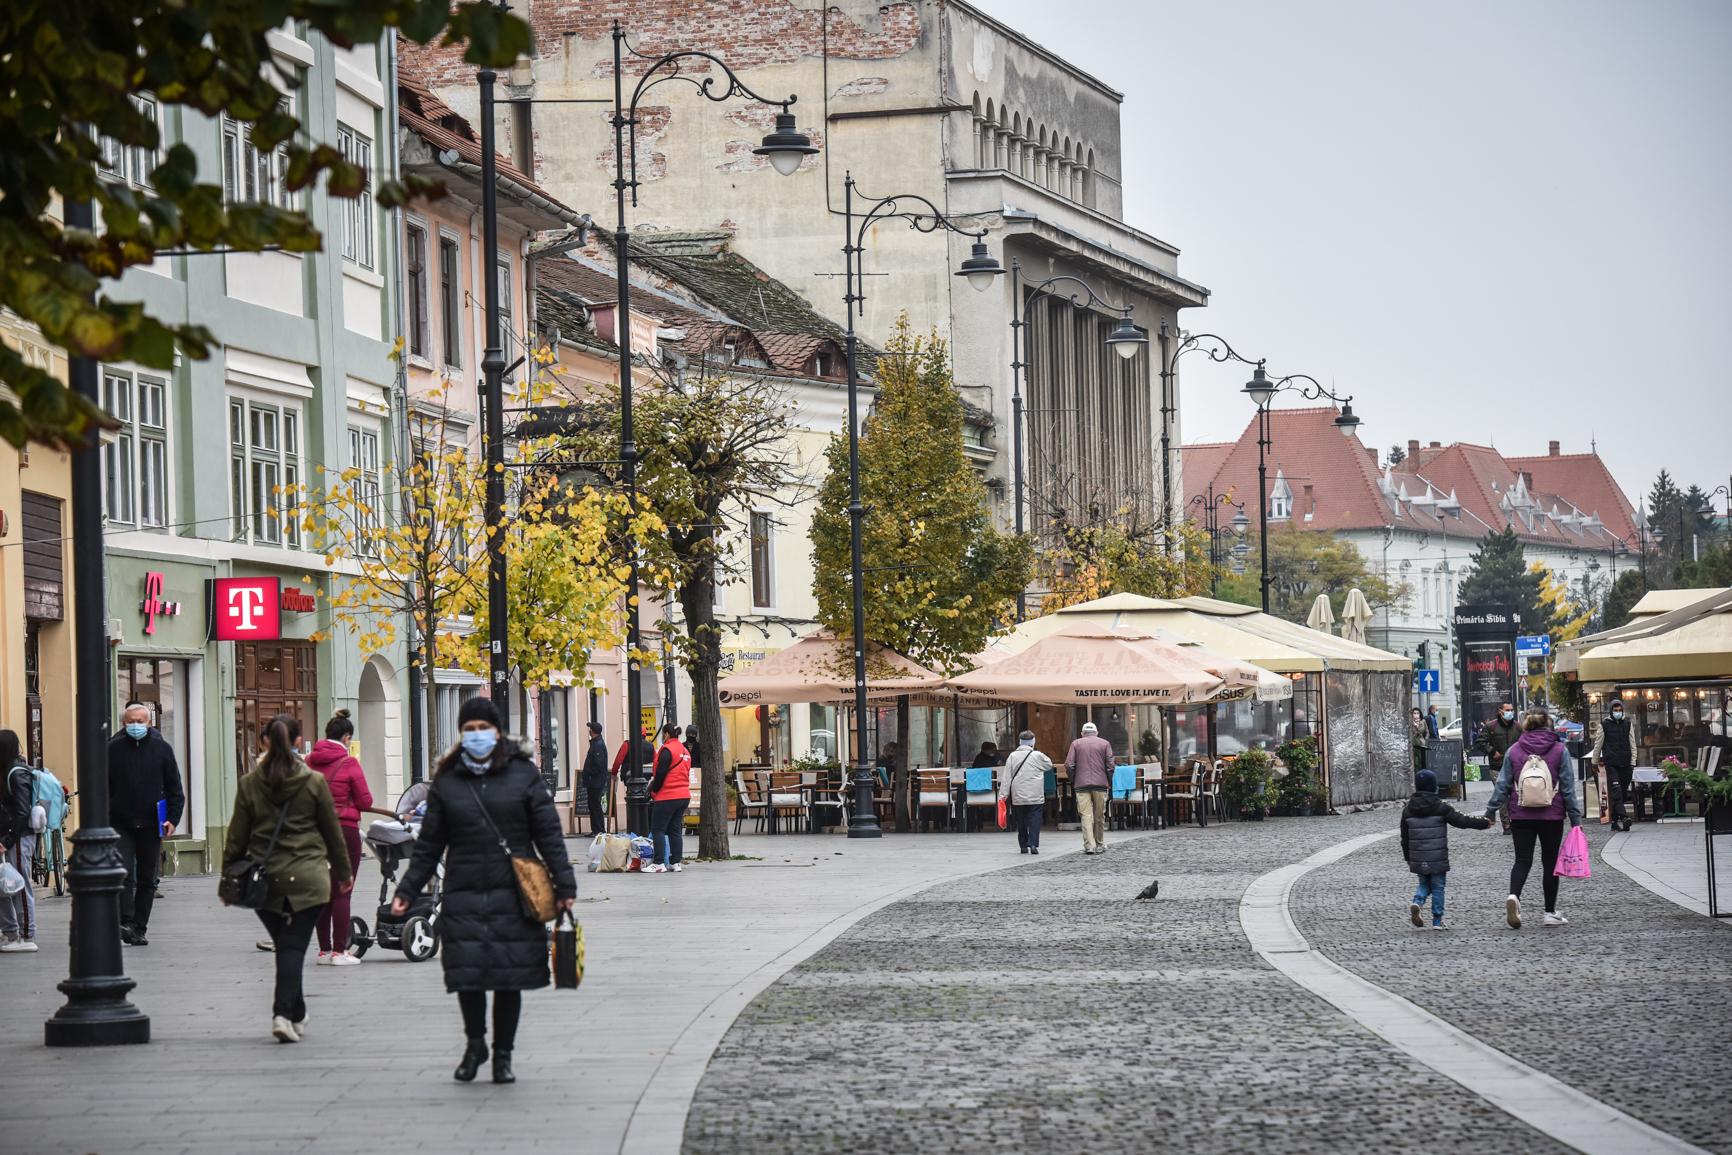 Rata de incidență în municipiul Sibiu crește ușor. În Șelimbăr se apropie de 4 la mia de locuitori